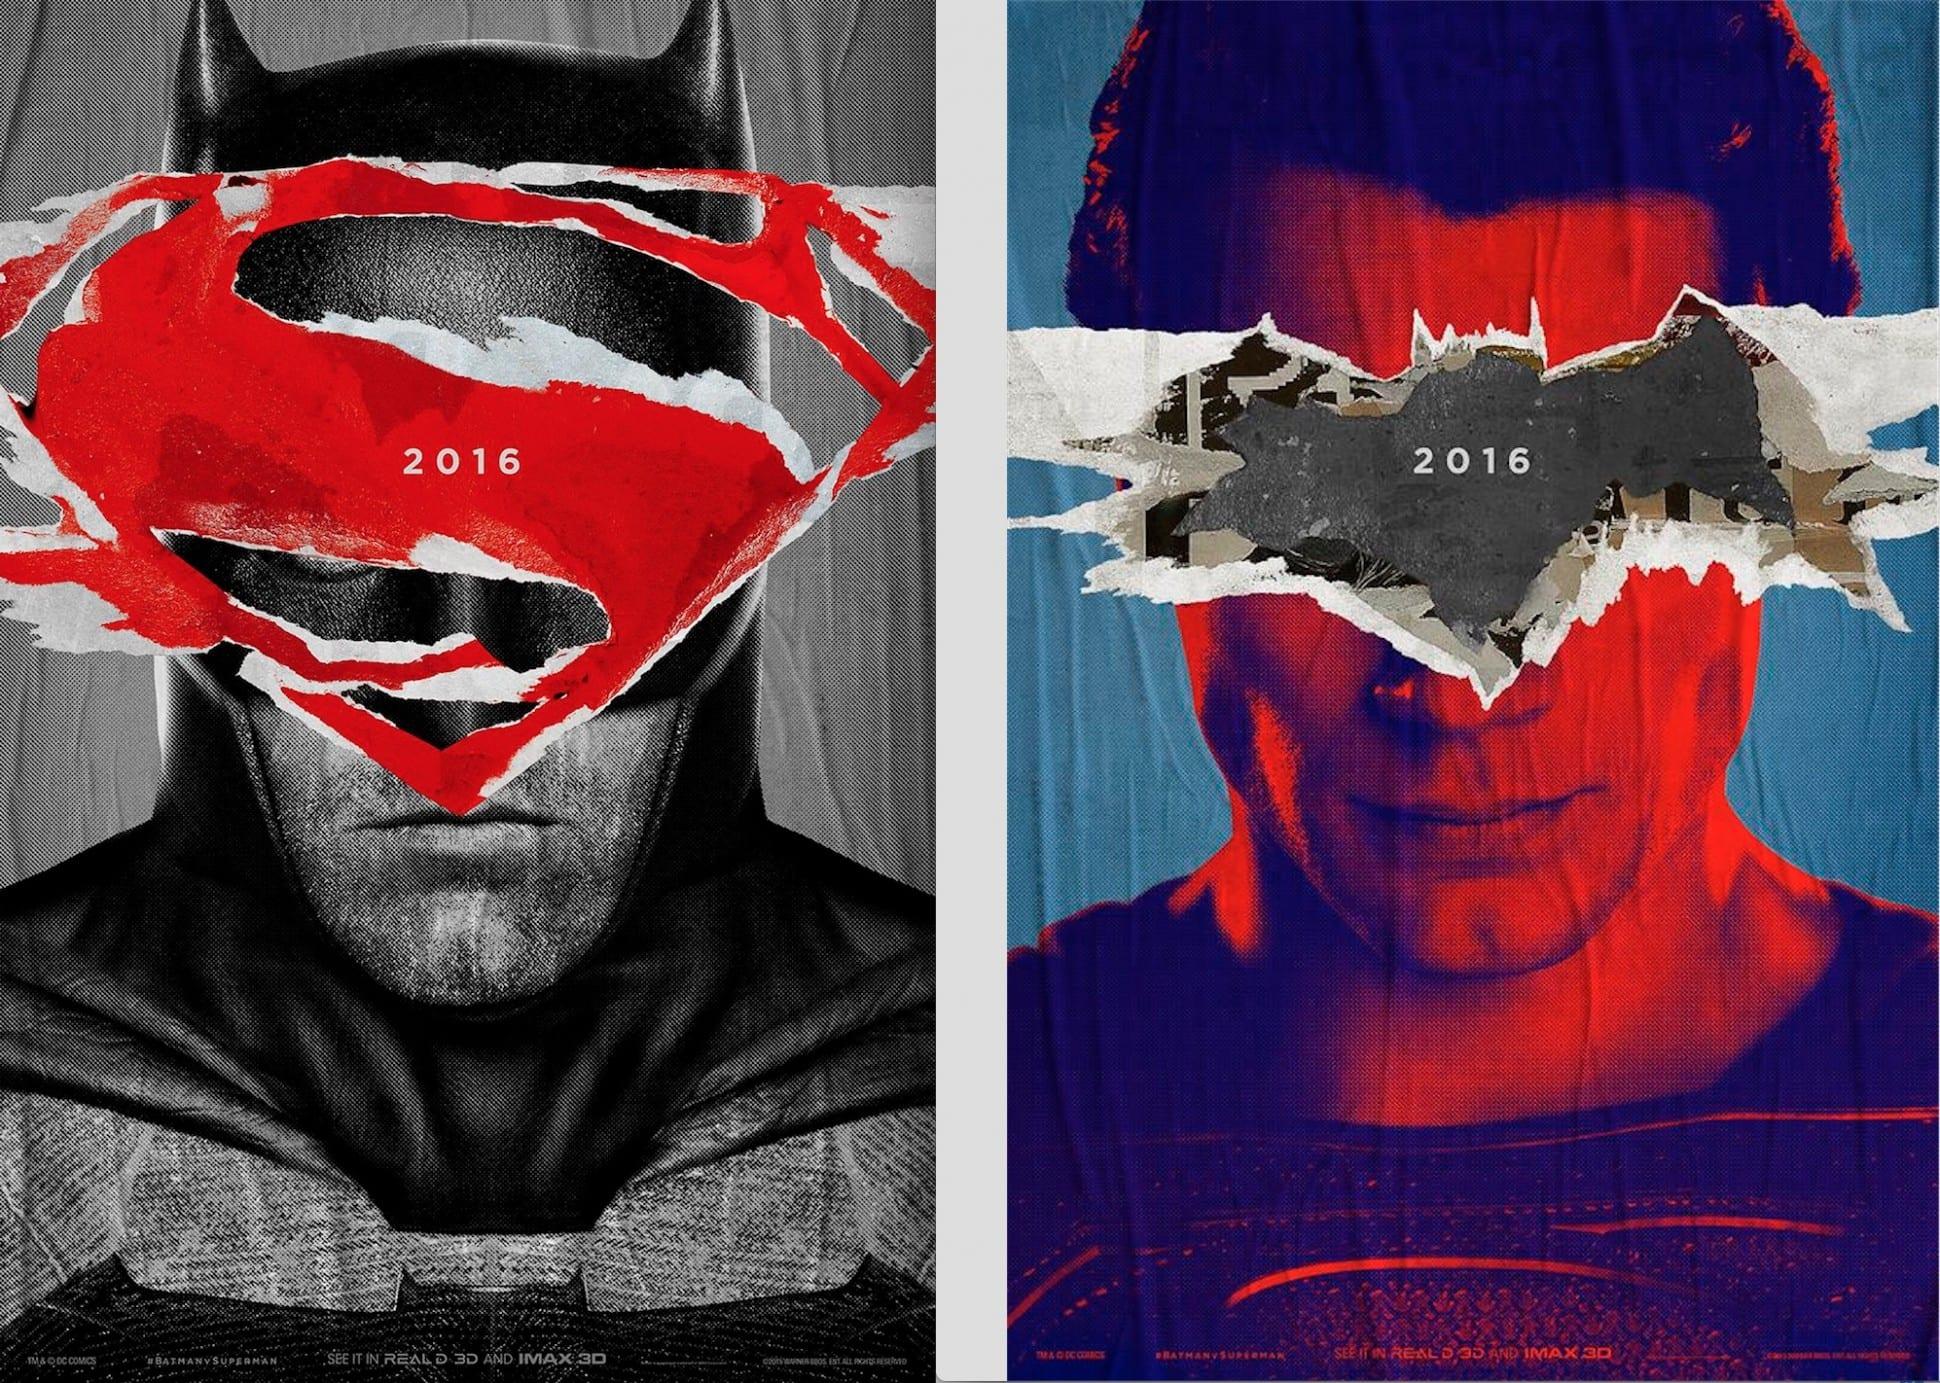 ben allen superman